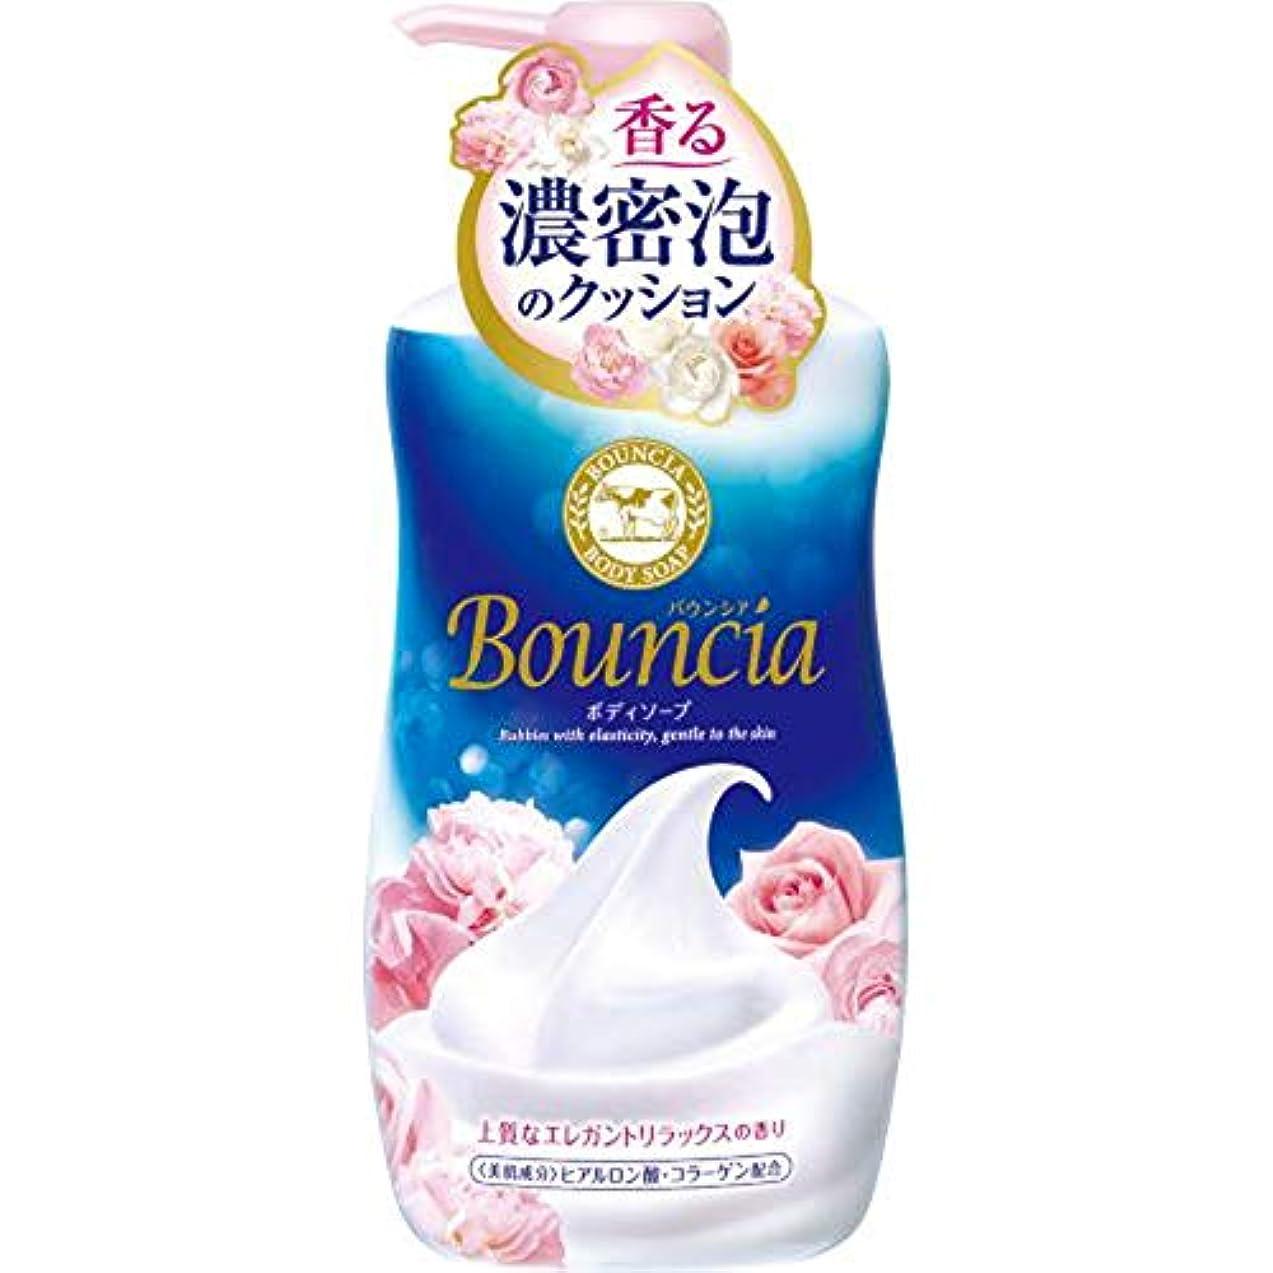 宣伝アラート忠実バウンシア ボディソープ エレガントリラックスの香り ポンプ 550mL